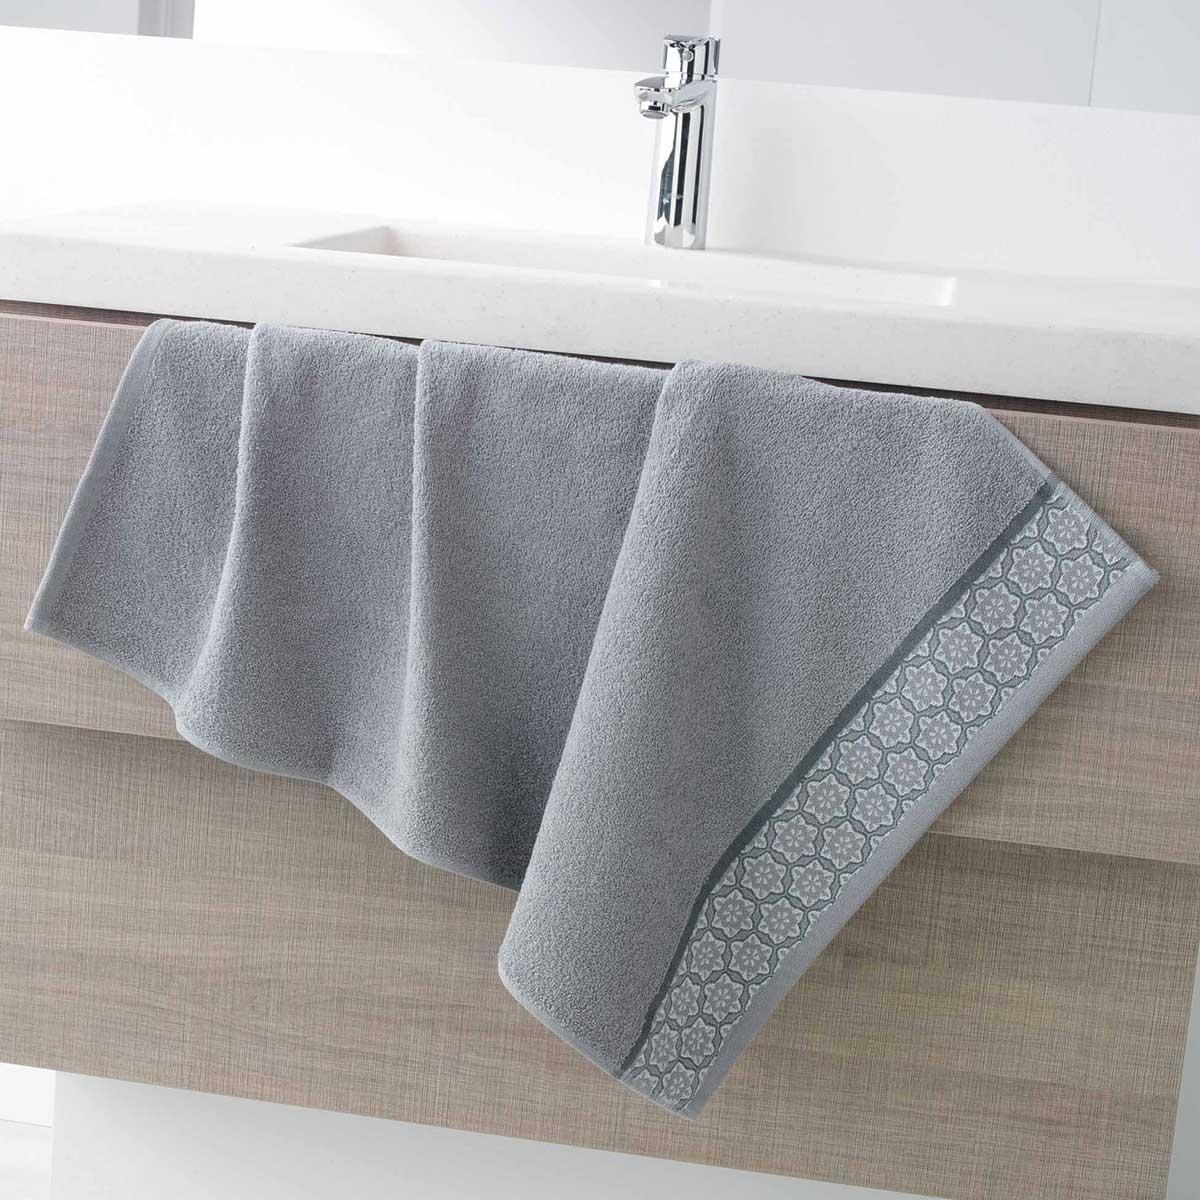 Serviette de Toilette en Eponge Unie avec Liteau Jacquard (Gris)